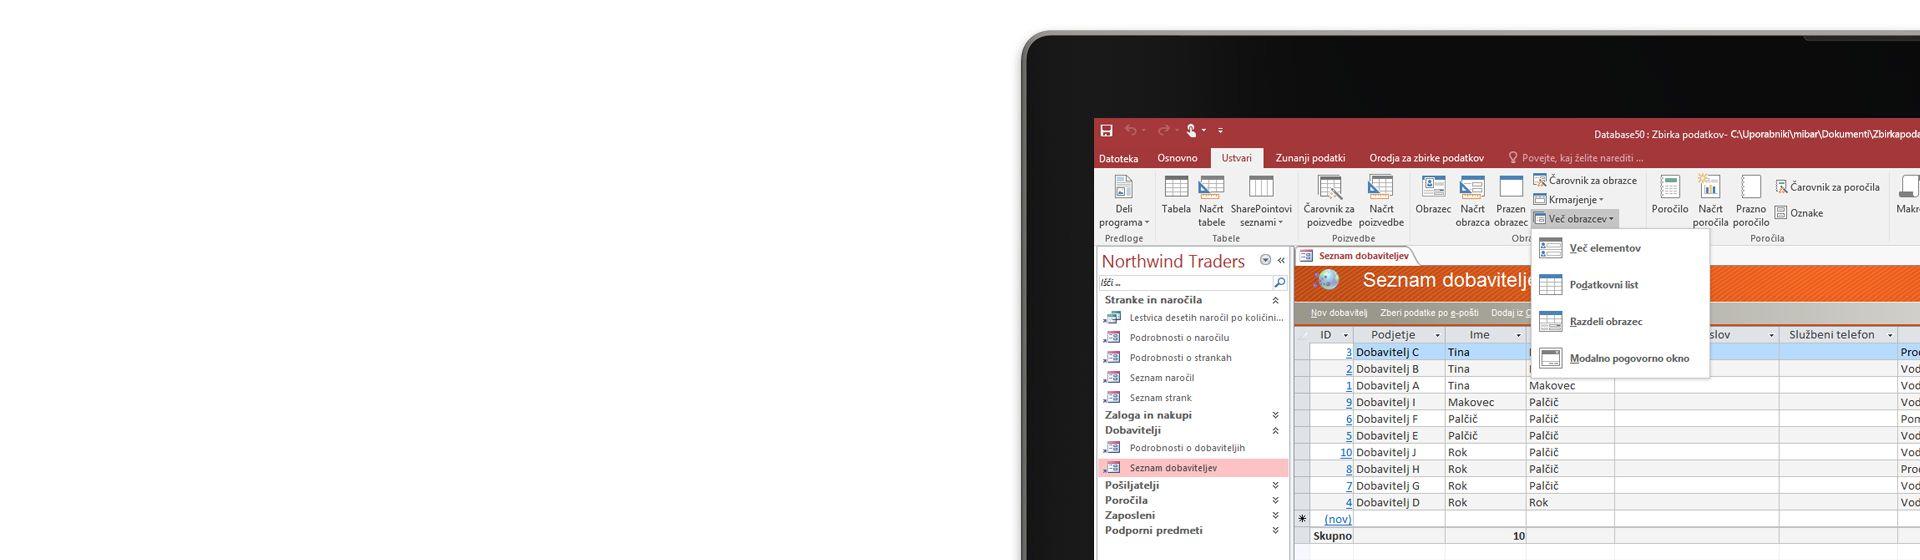 V kotu računalniškega zaslona je prikazan seznam dobaviteljev v Microsoft Accessovi zbirki podatkov.